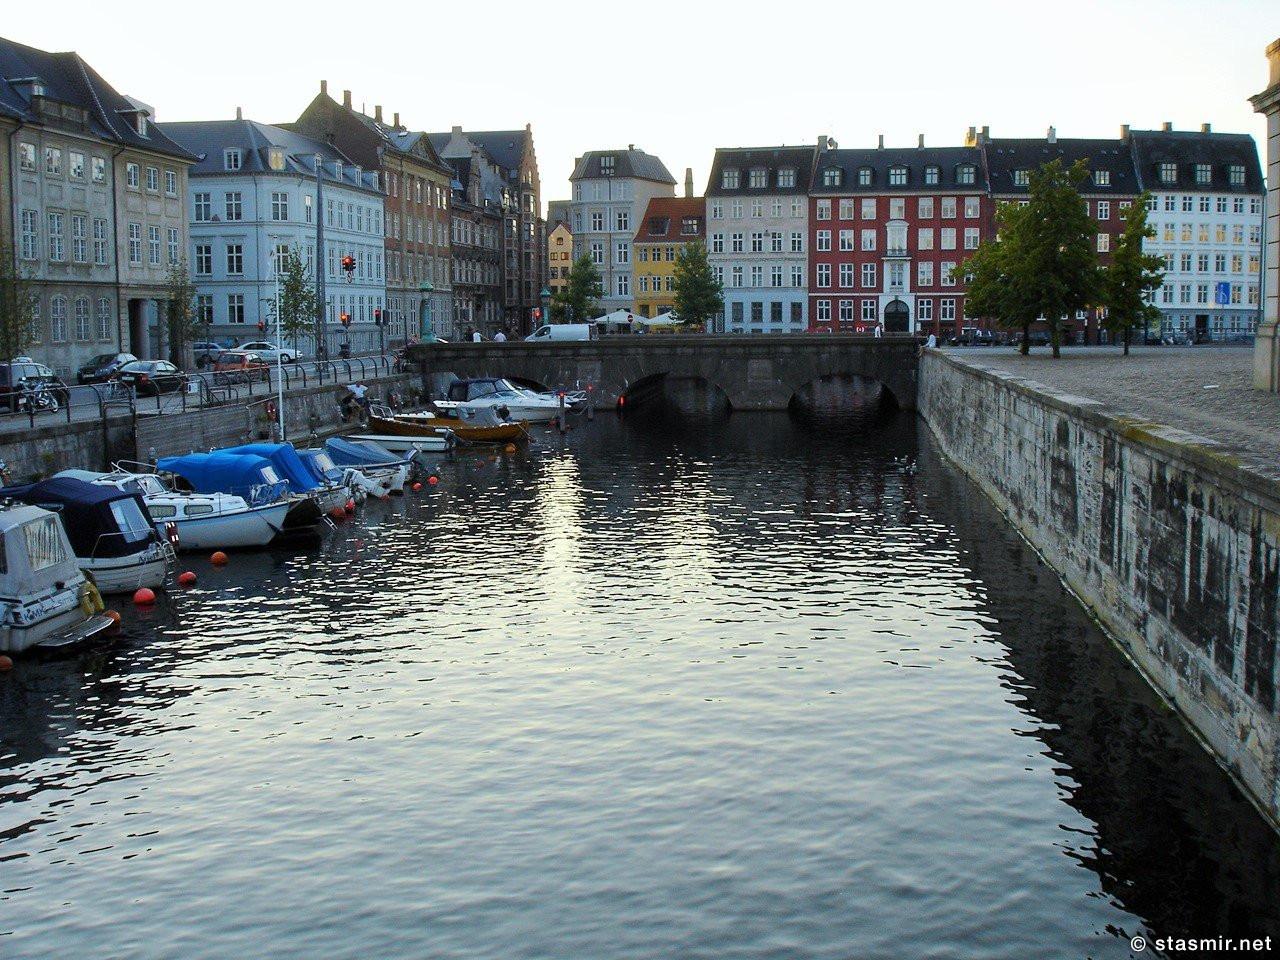 водные глади Копенгагена, фото Стасмир, Photo Stasmir